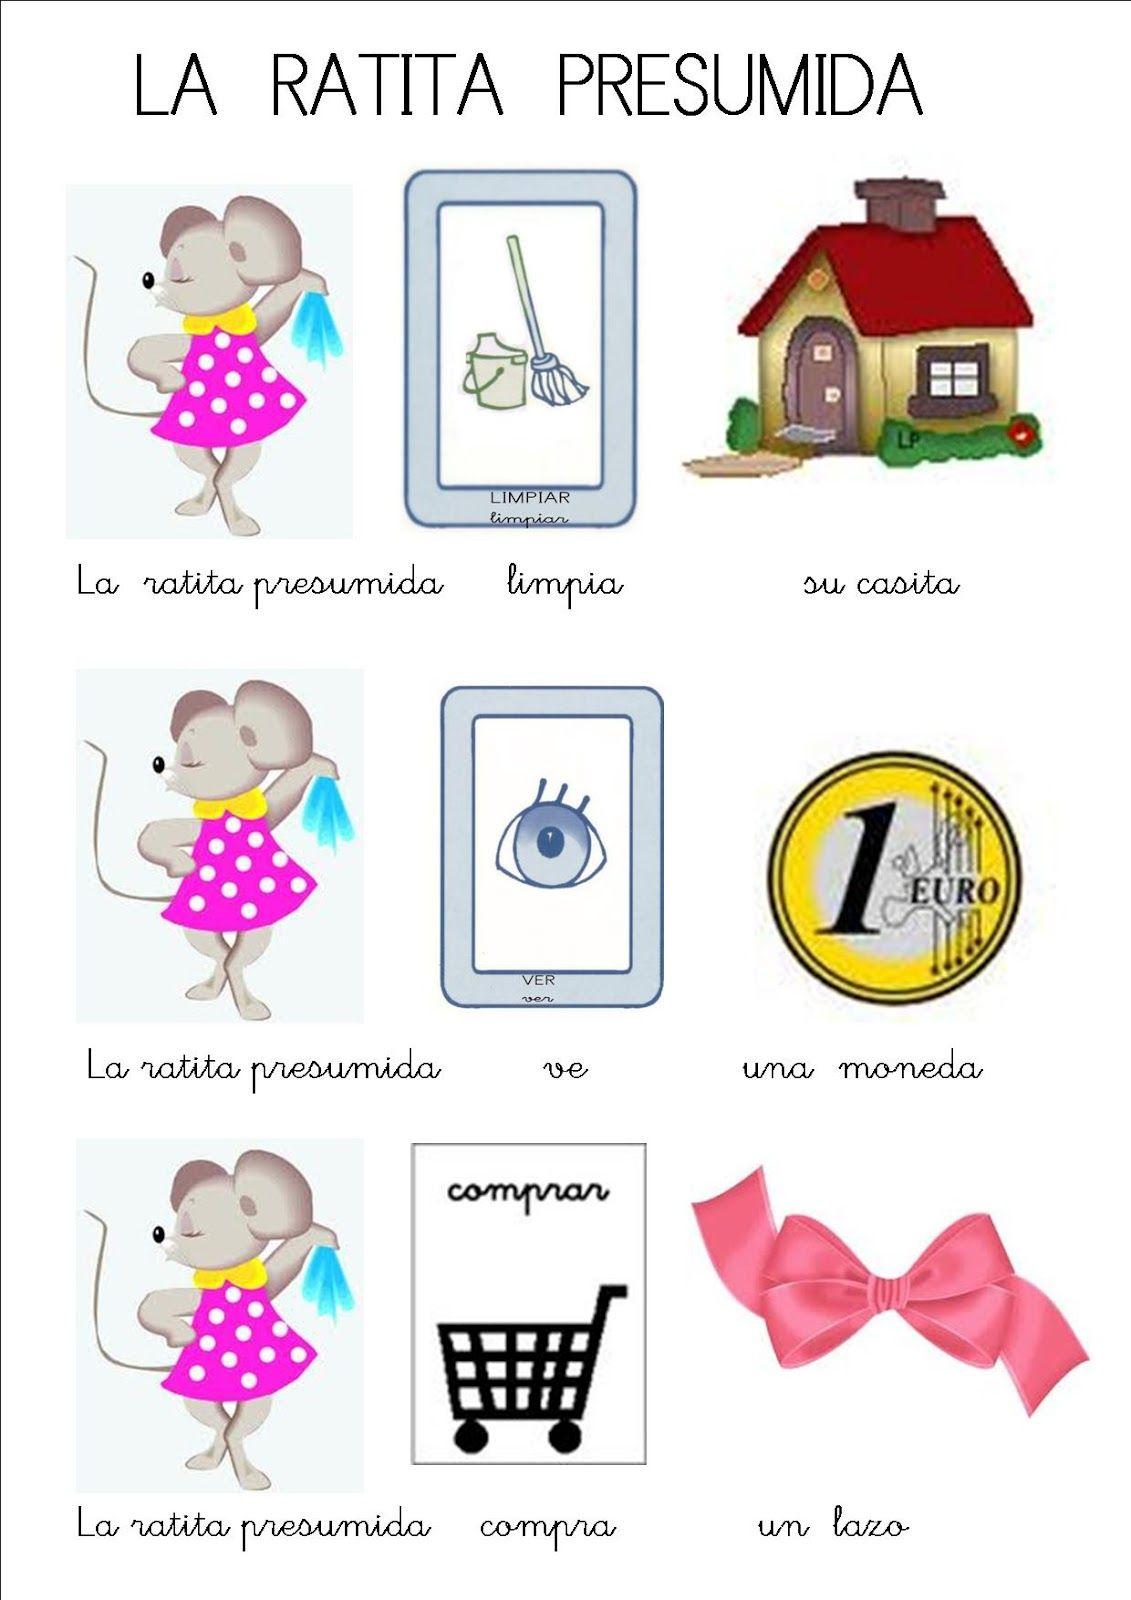 Cuento La Ratita Presumida En Pictogramas Cuentosinfantiles Biz Preschool Activities Elementary Spanish Spring Activities